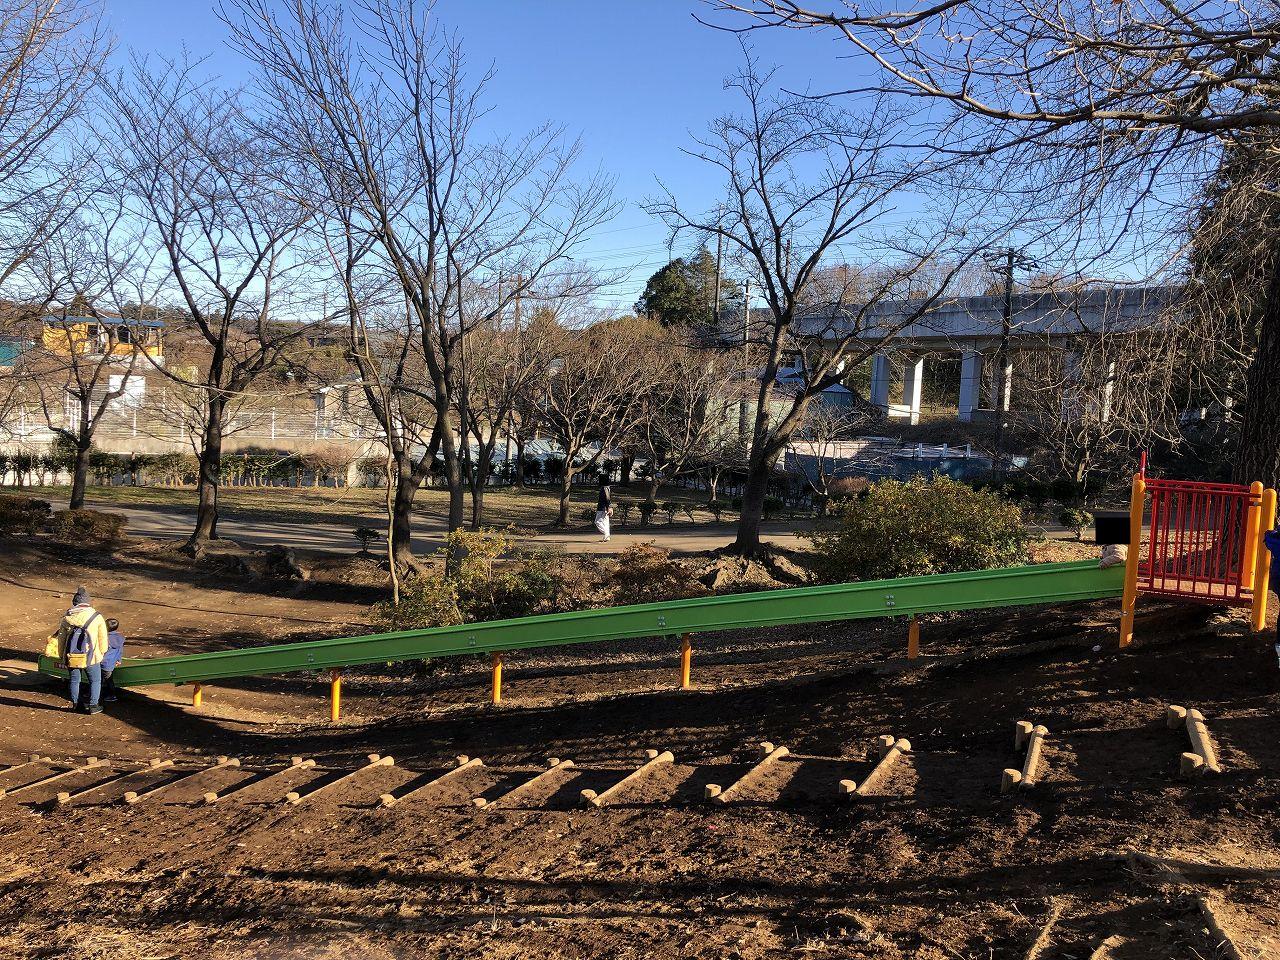 鎌ヶ谷市制記念公園のローラー滑り台